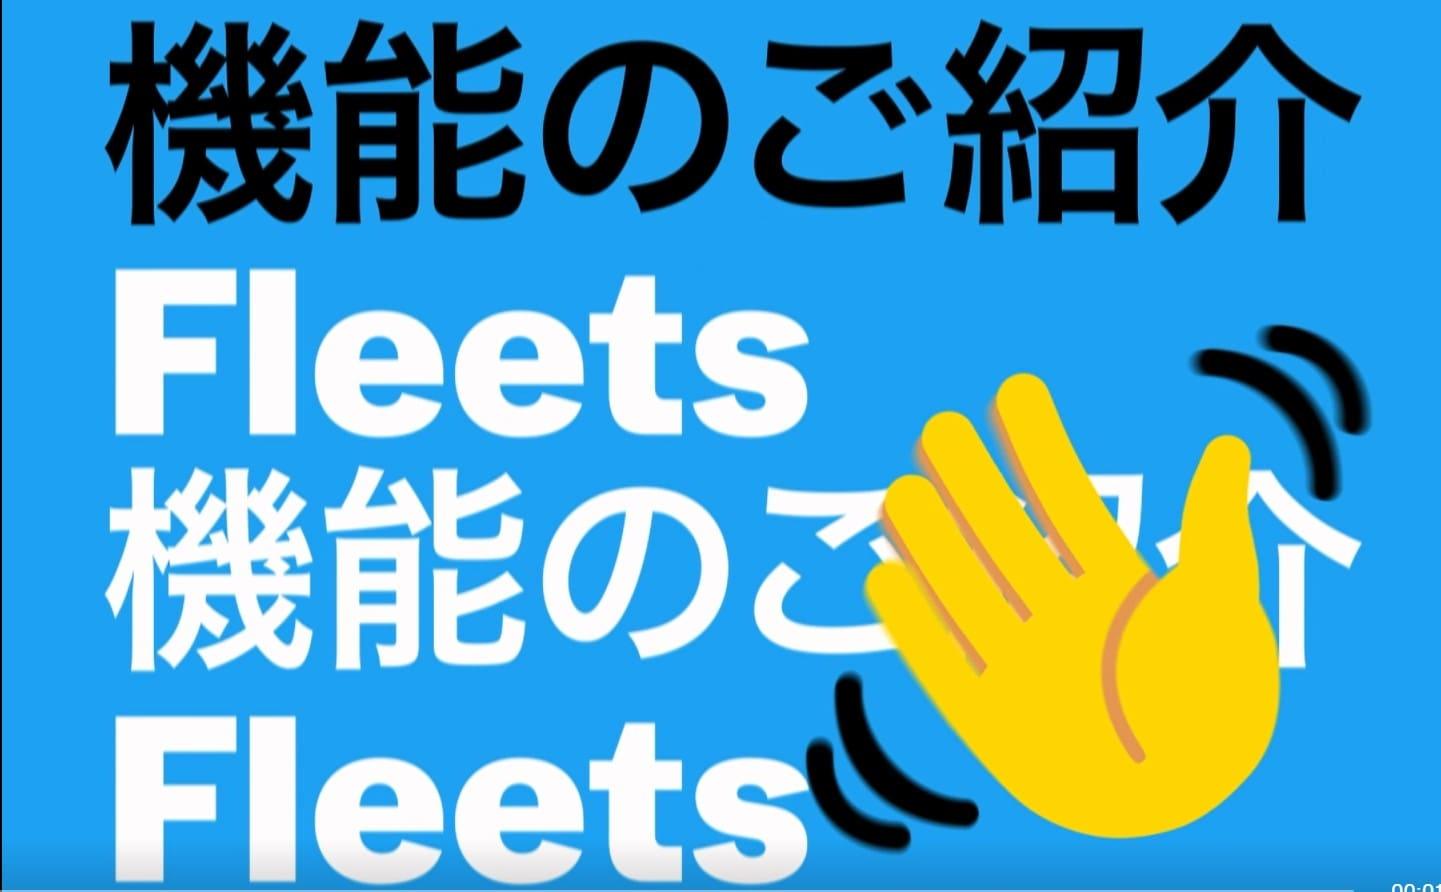 【Fleet(フリート)】Twitterの最新機能